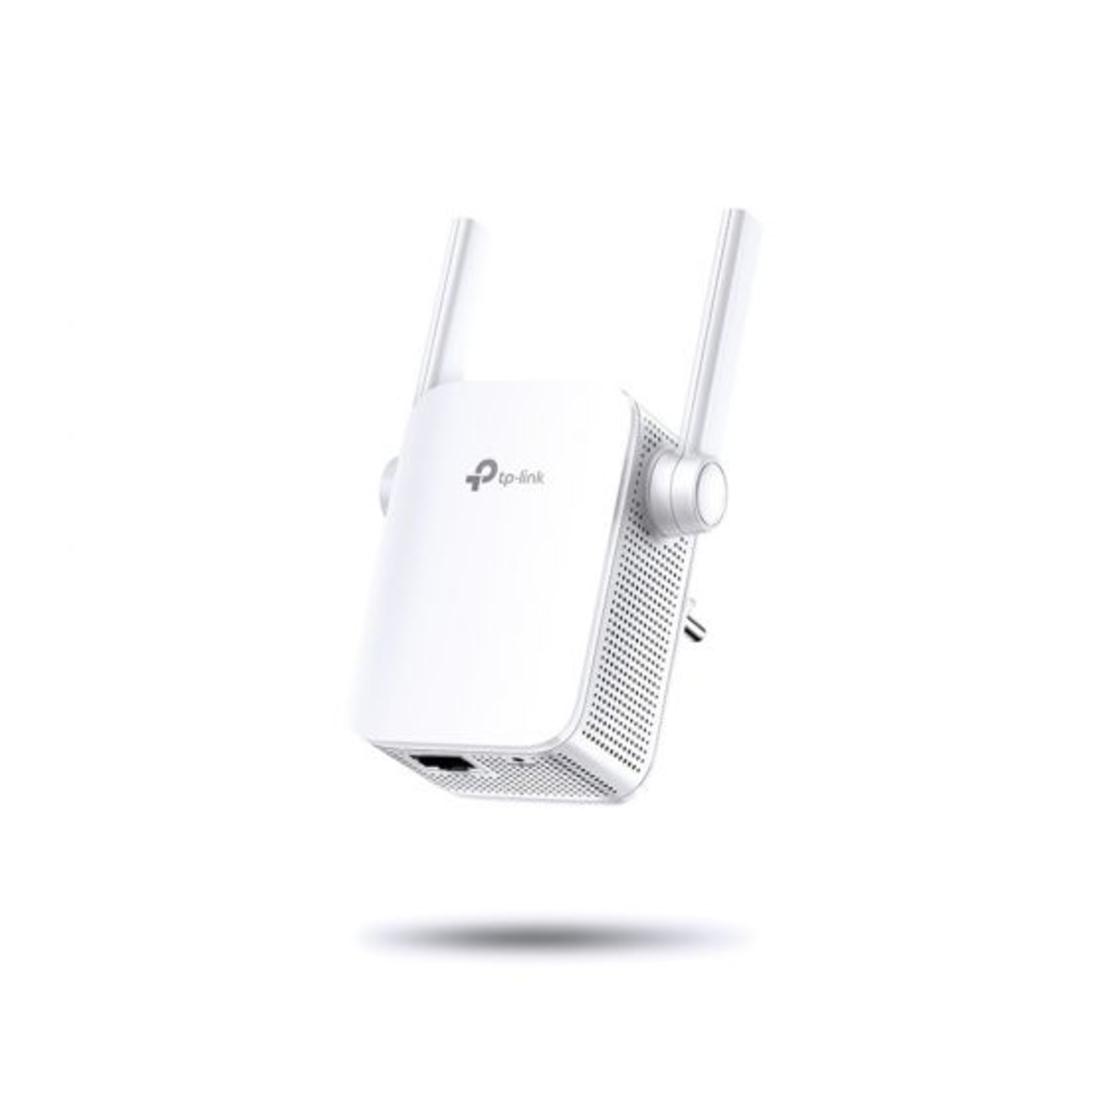 אקסס פוינט Tp-Link RE305 1200MBPS AC